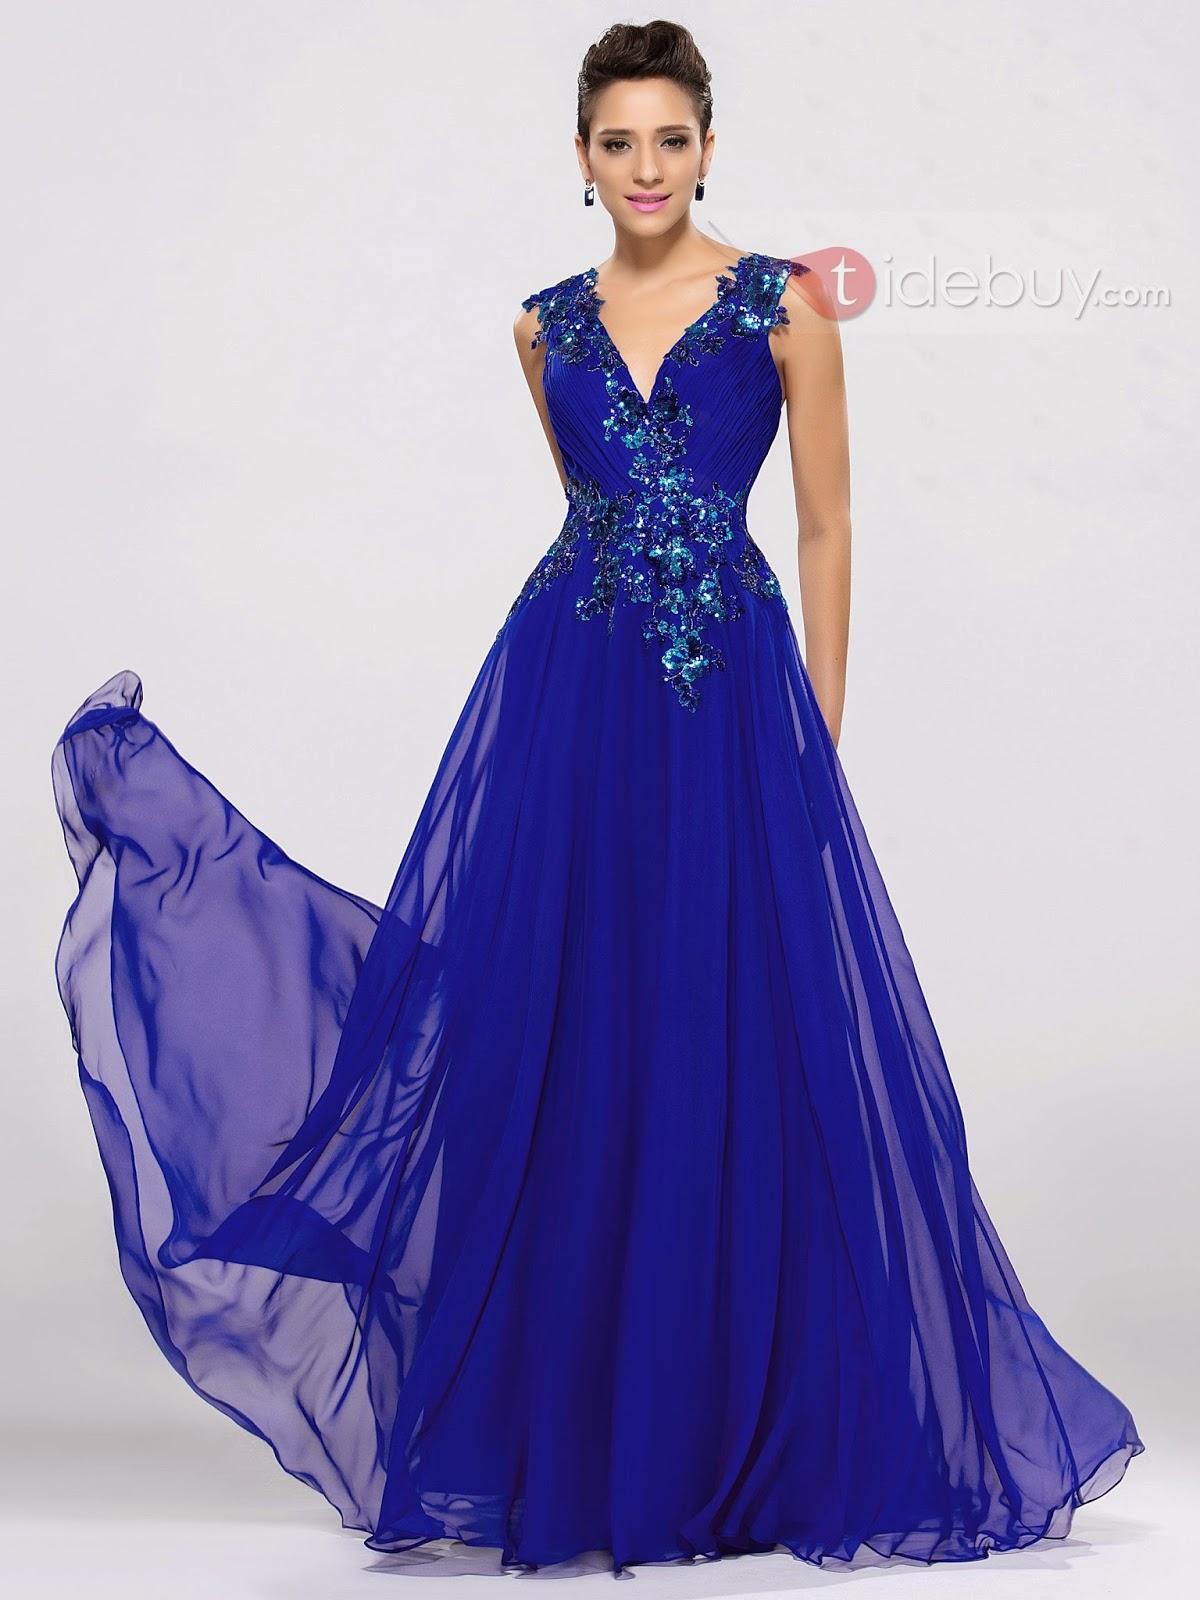 Imagenes de vestidos de fiesta para senoritas – Vestidos de moda en ...